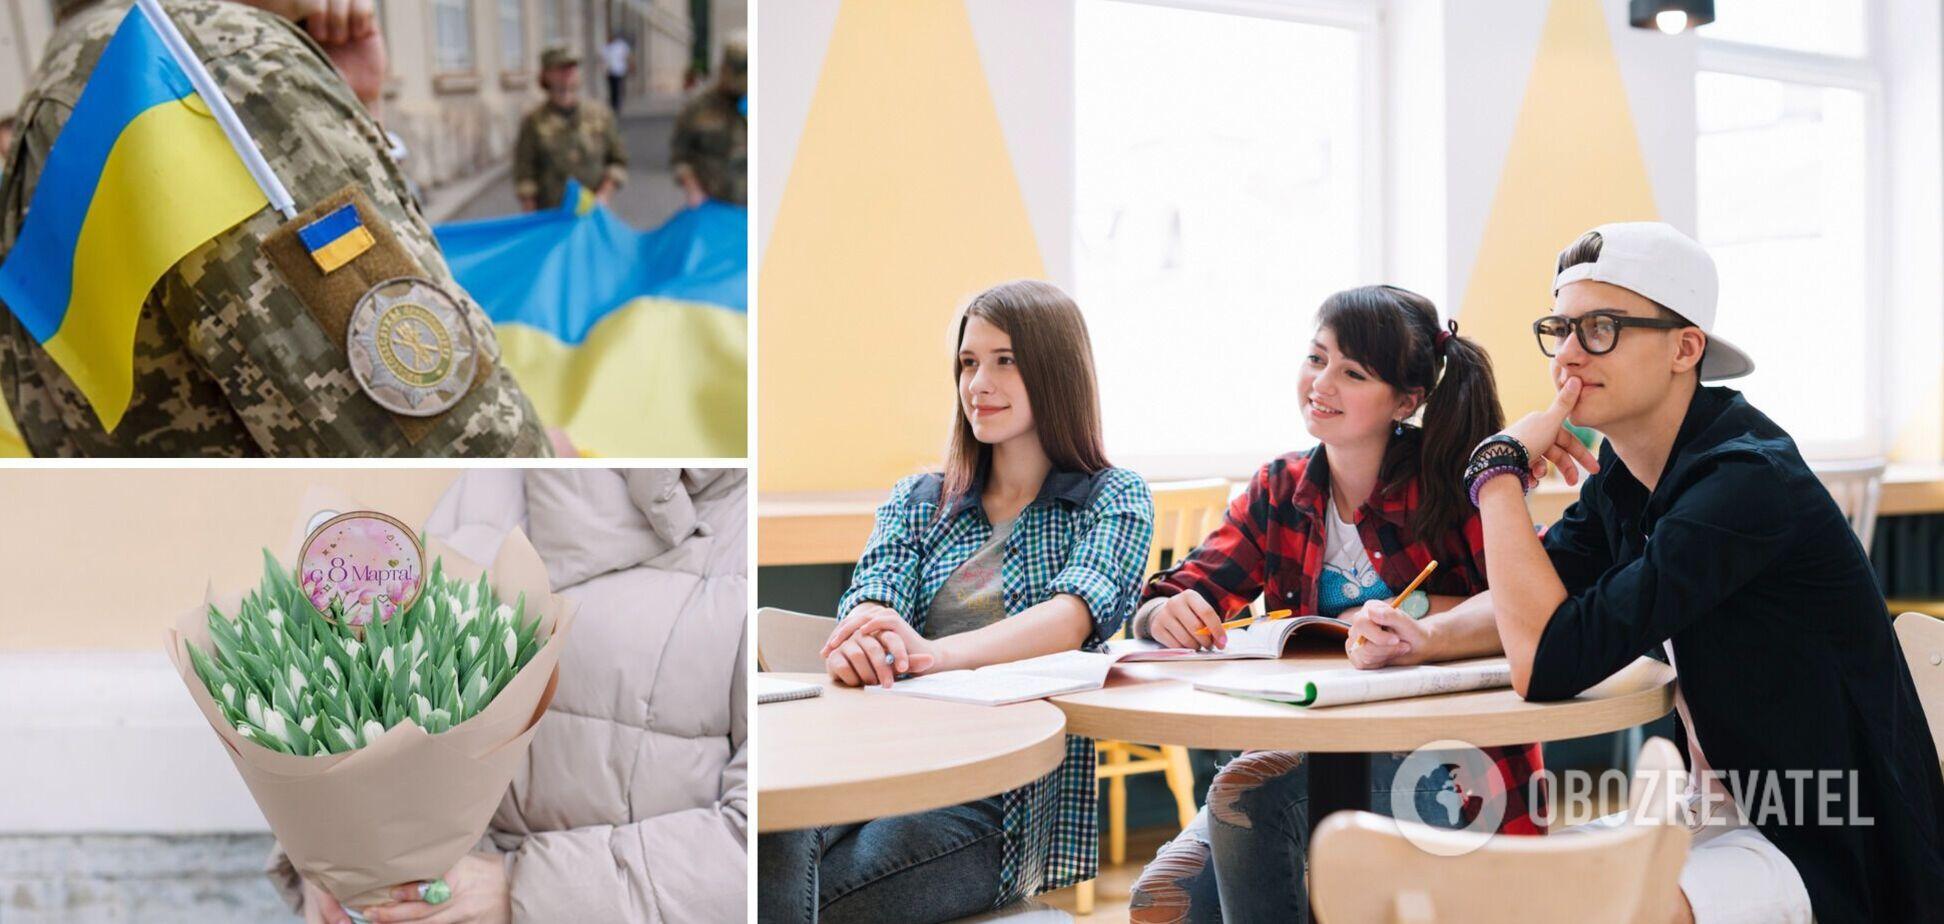 В Луцке родители хотят запретить поздравлять в школах с 14 октября и 8 марта: стереотипы и неуважение